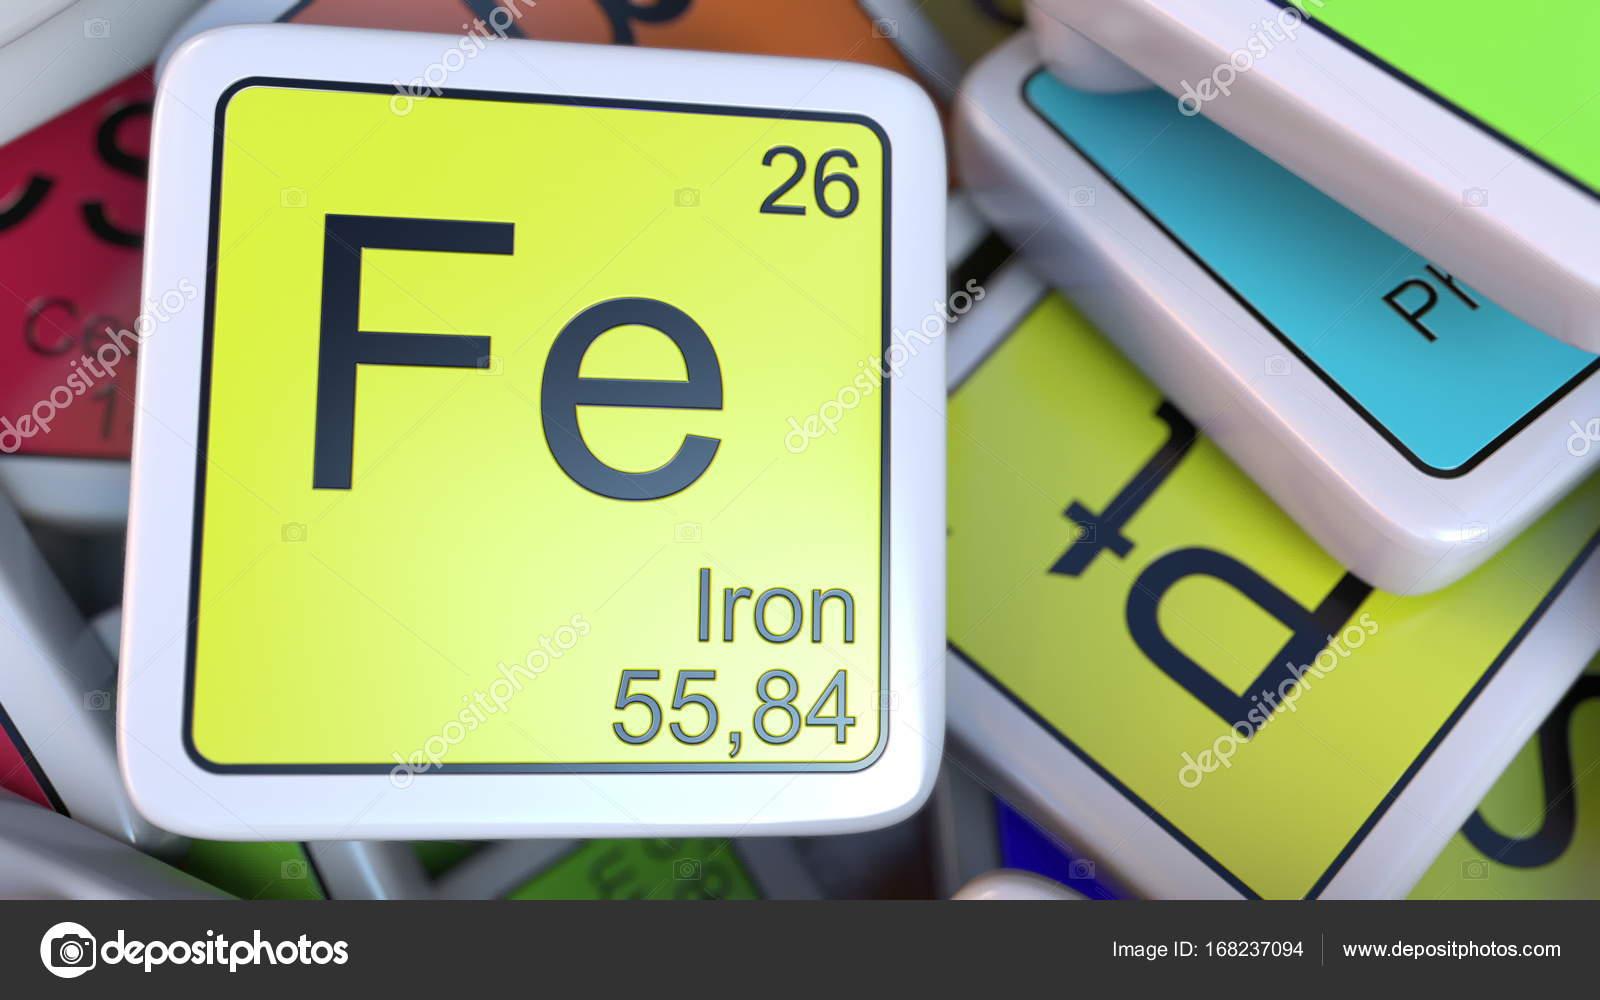 Bloque de la fe en la pila de la tabla peridica de los bloques de hierro de la etiqueta de la pila de la tabla peridica de las etiquetas de elementos qumicos foto de alexeynovikov urtaz Choice Image